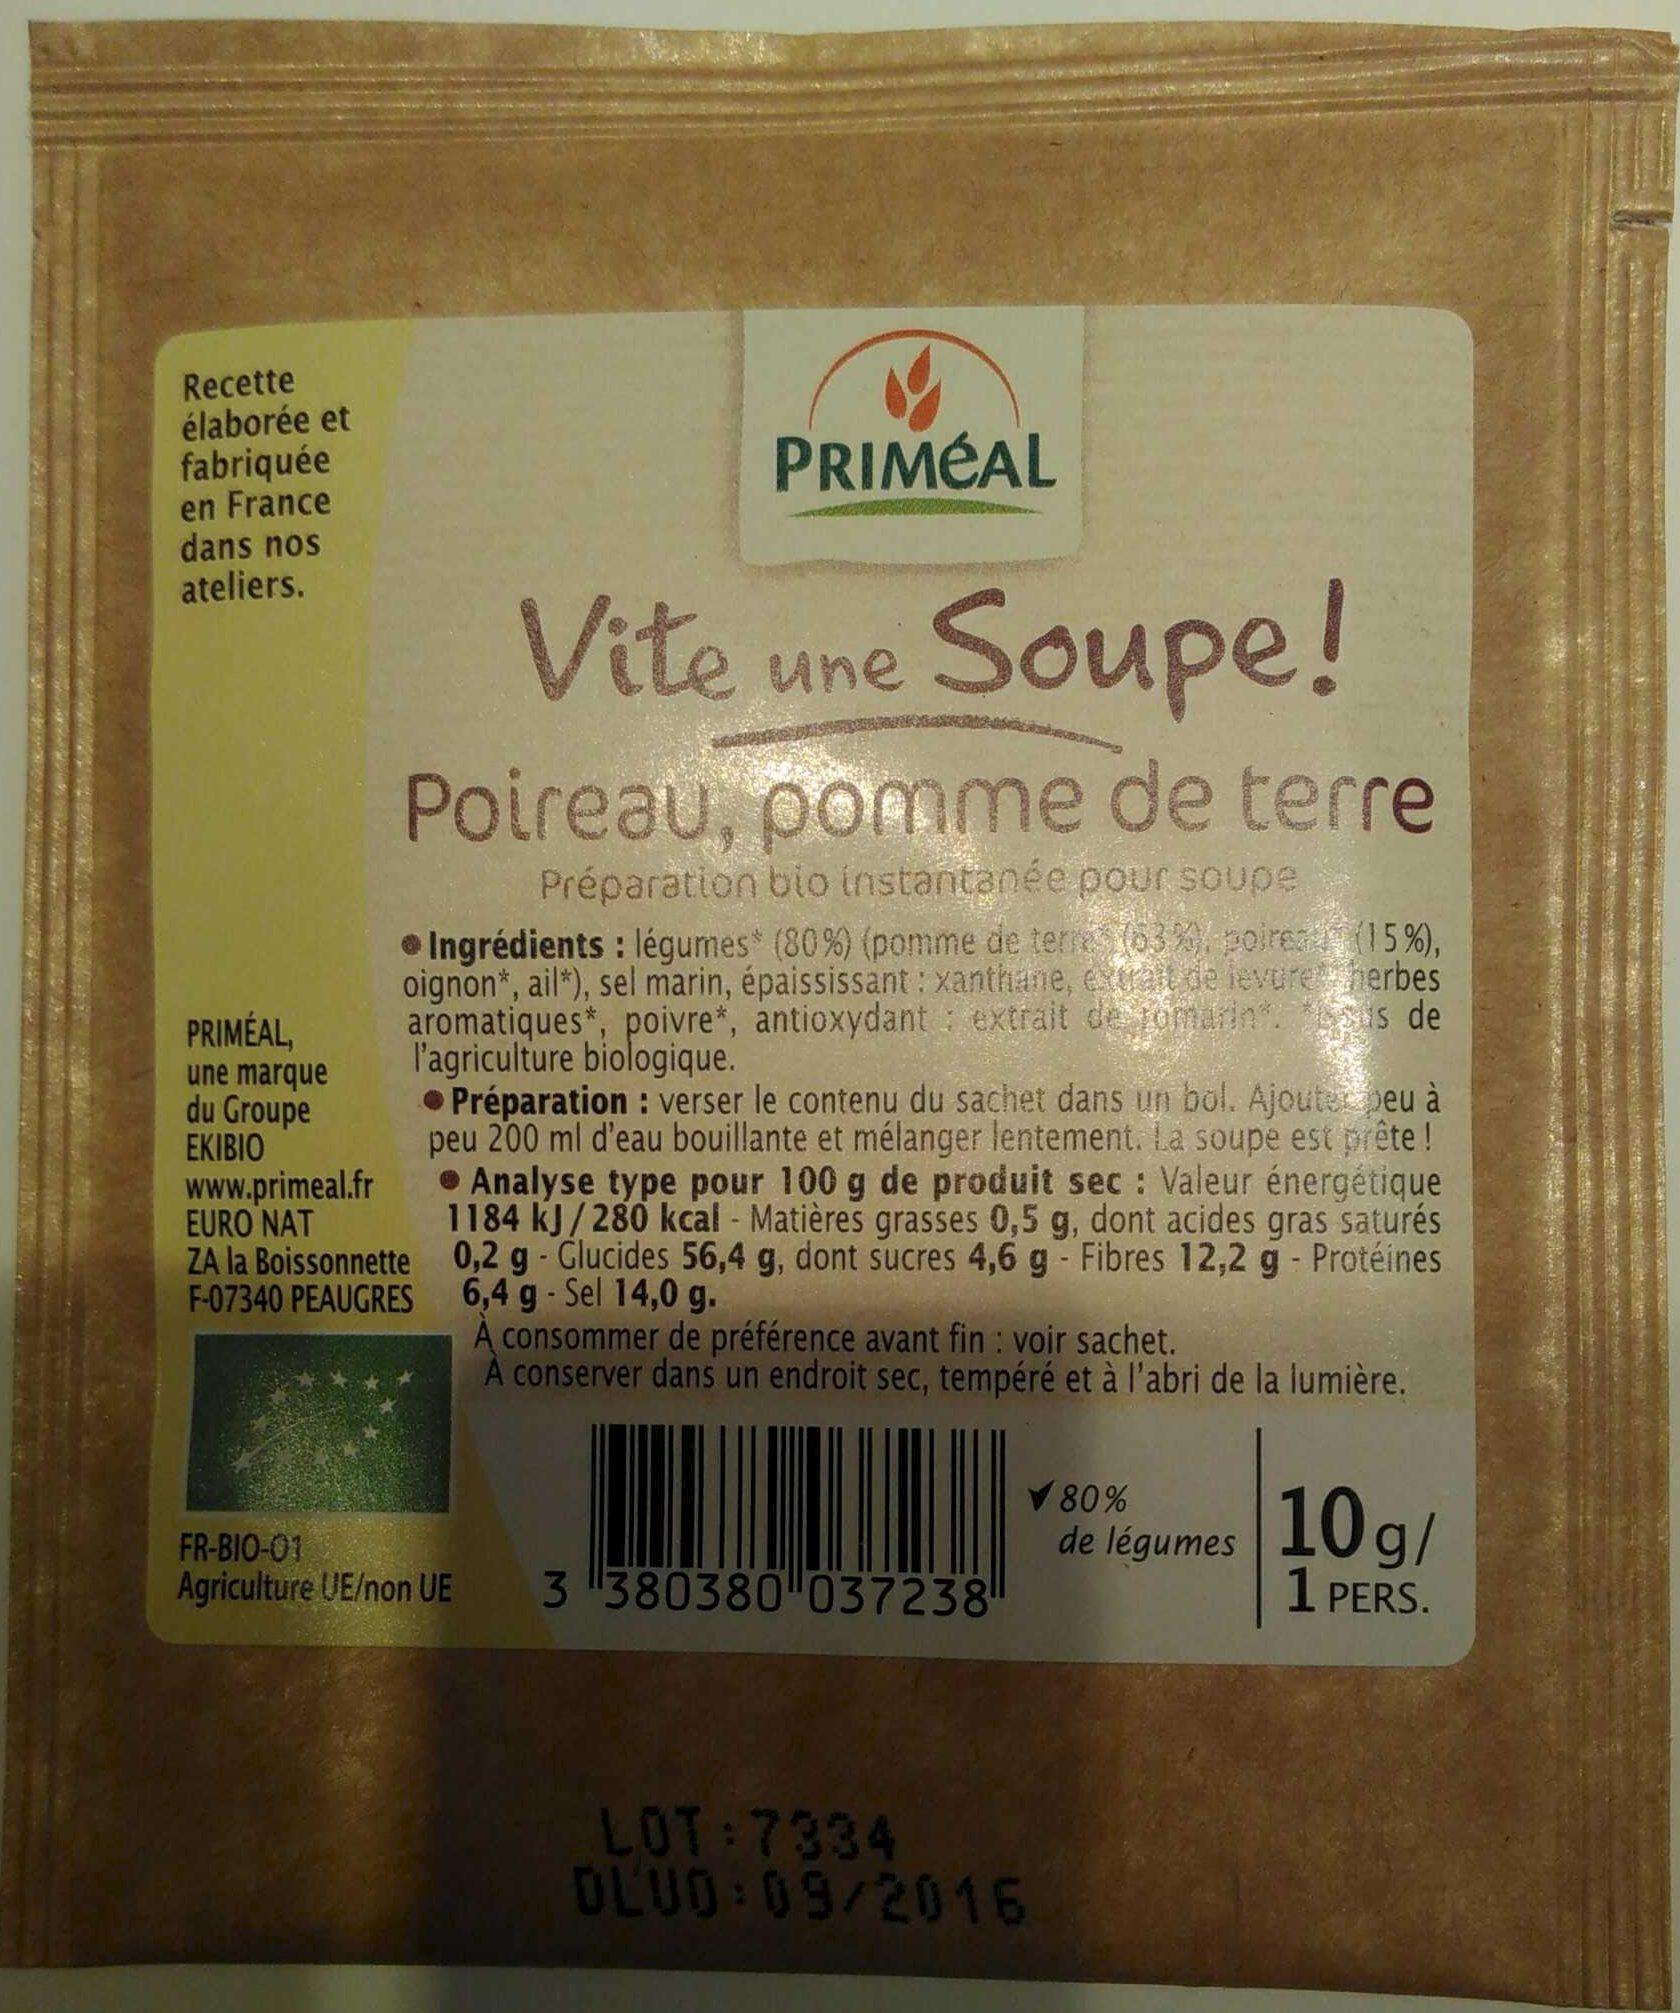 Vite une Soupe Poireau, pomme de terre - Product